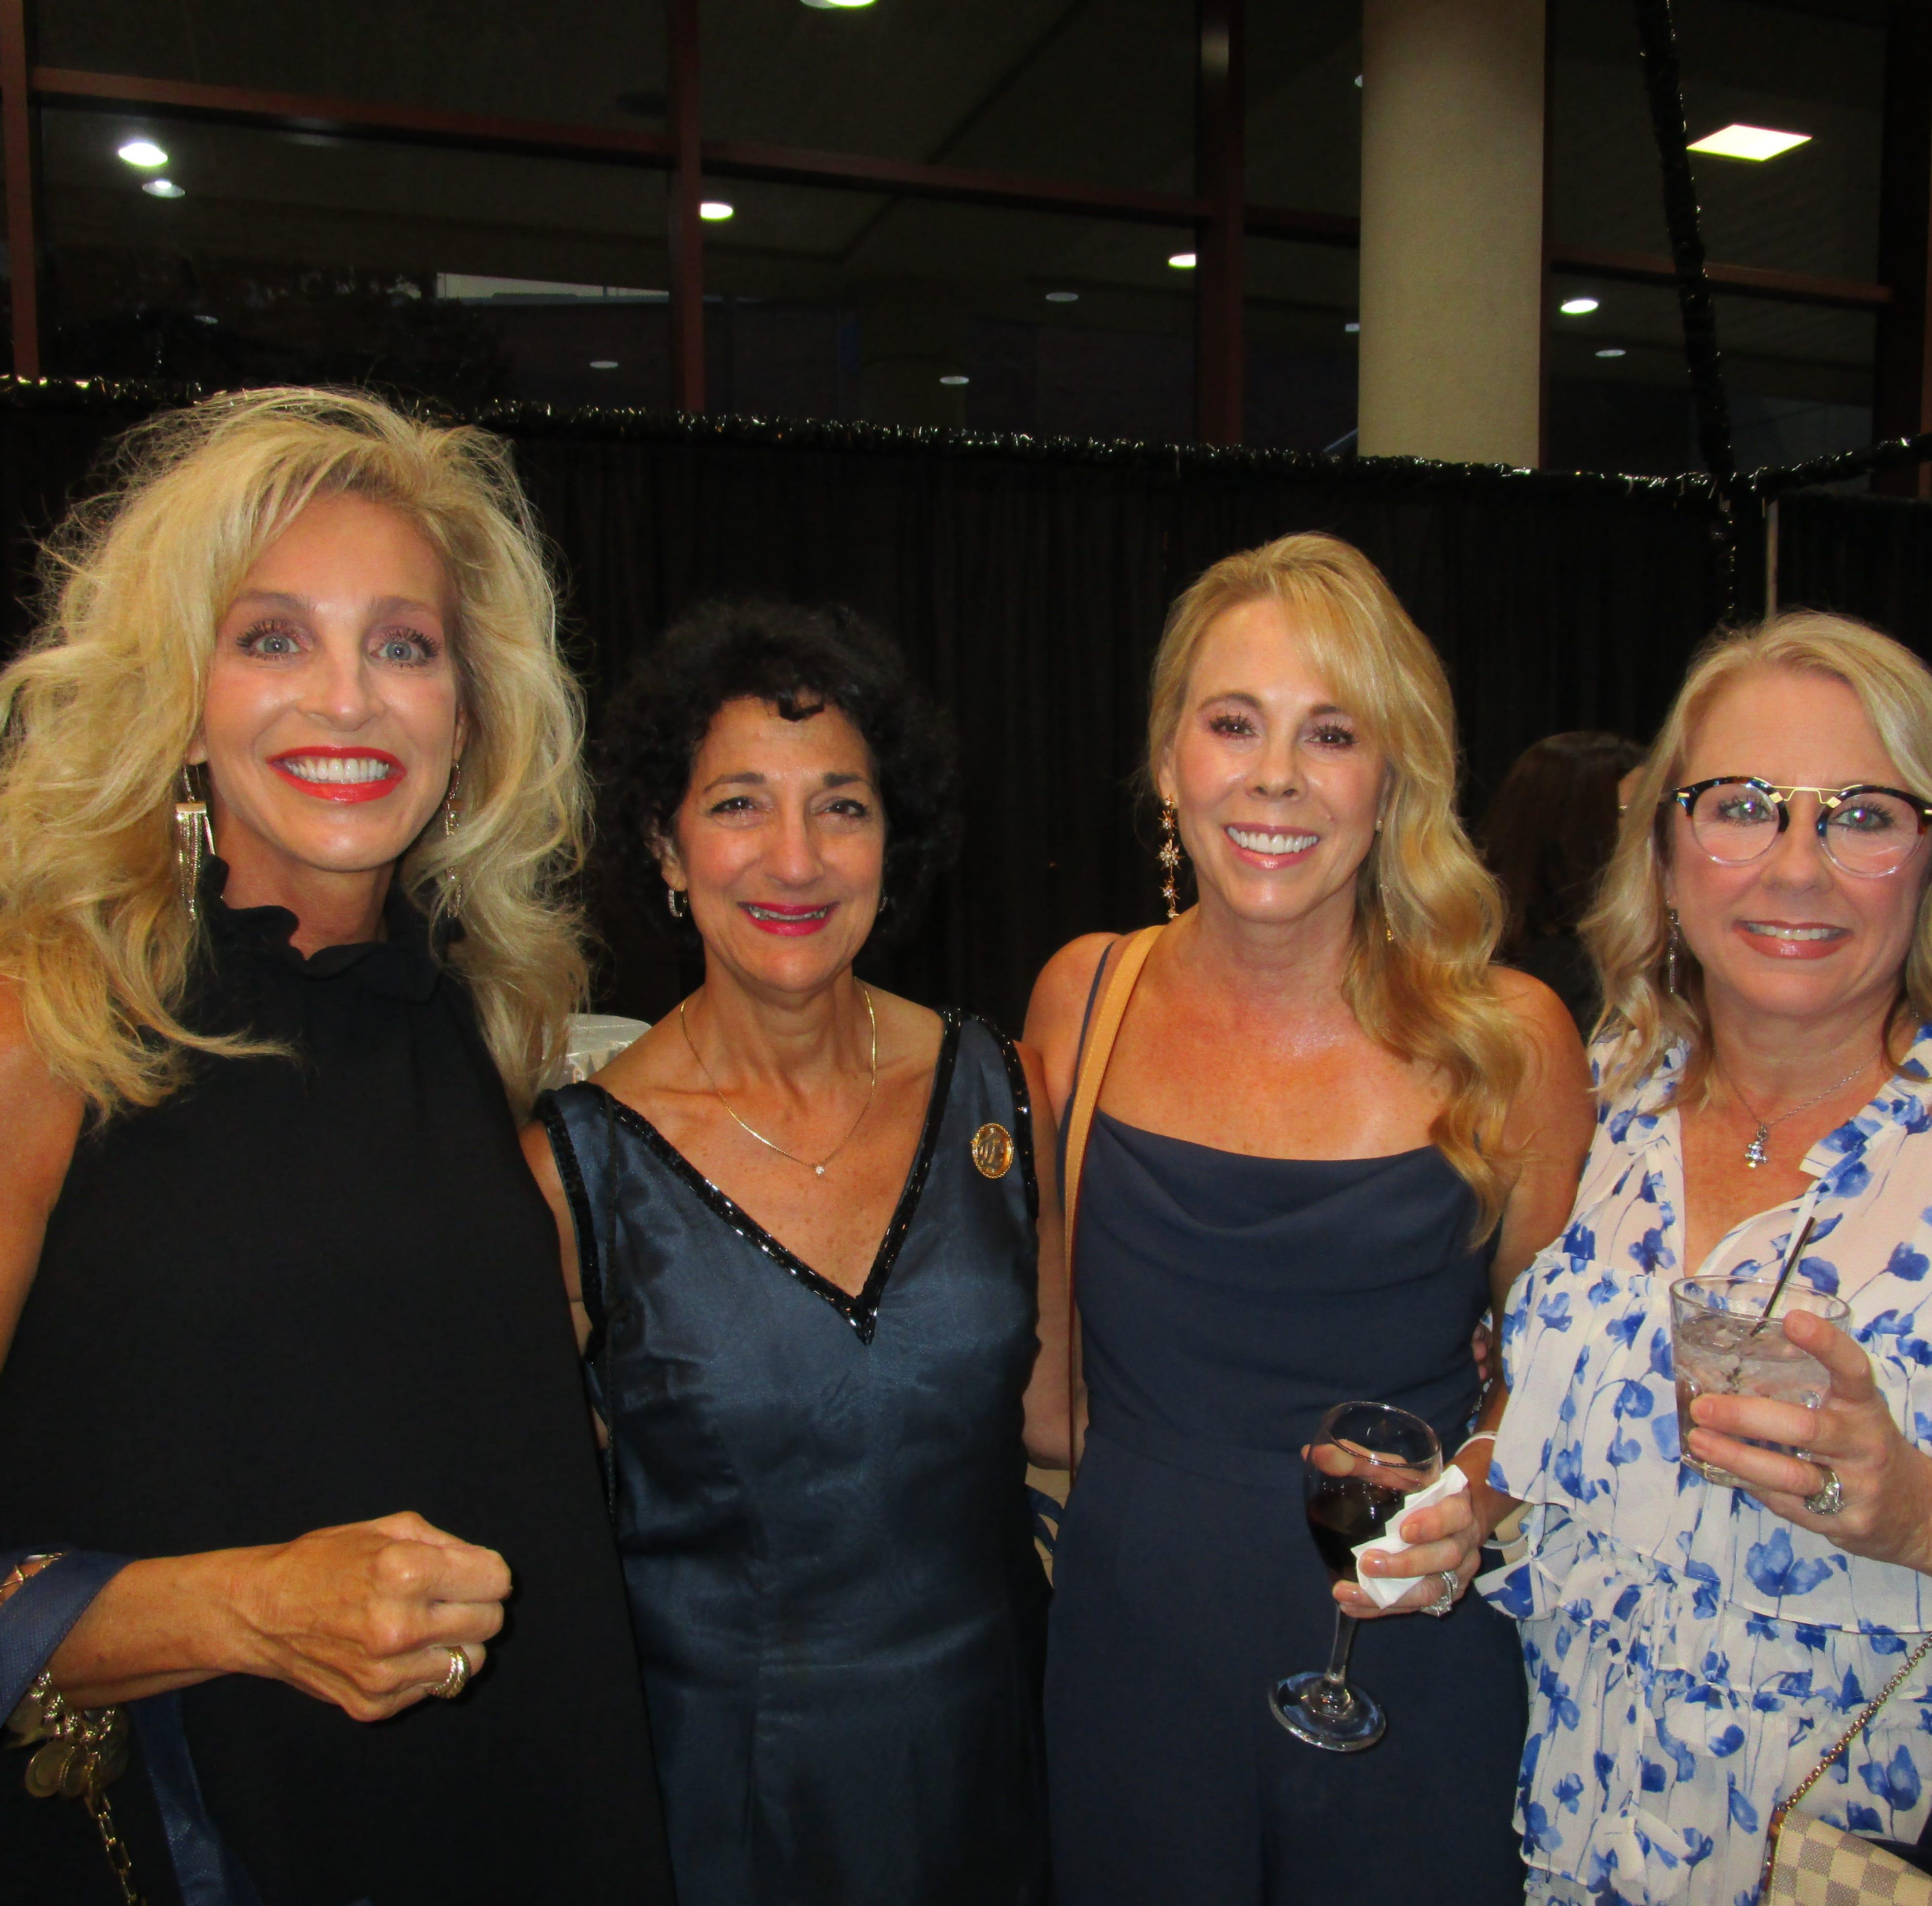 See who was at Tinsel & Treasures' 25 year celebration